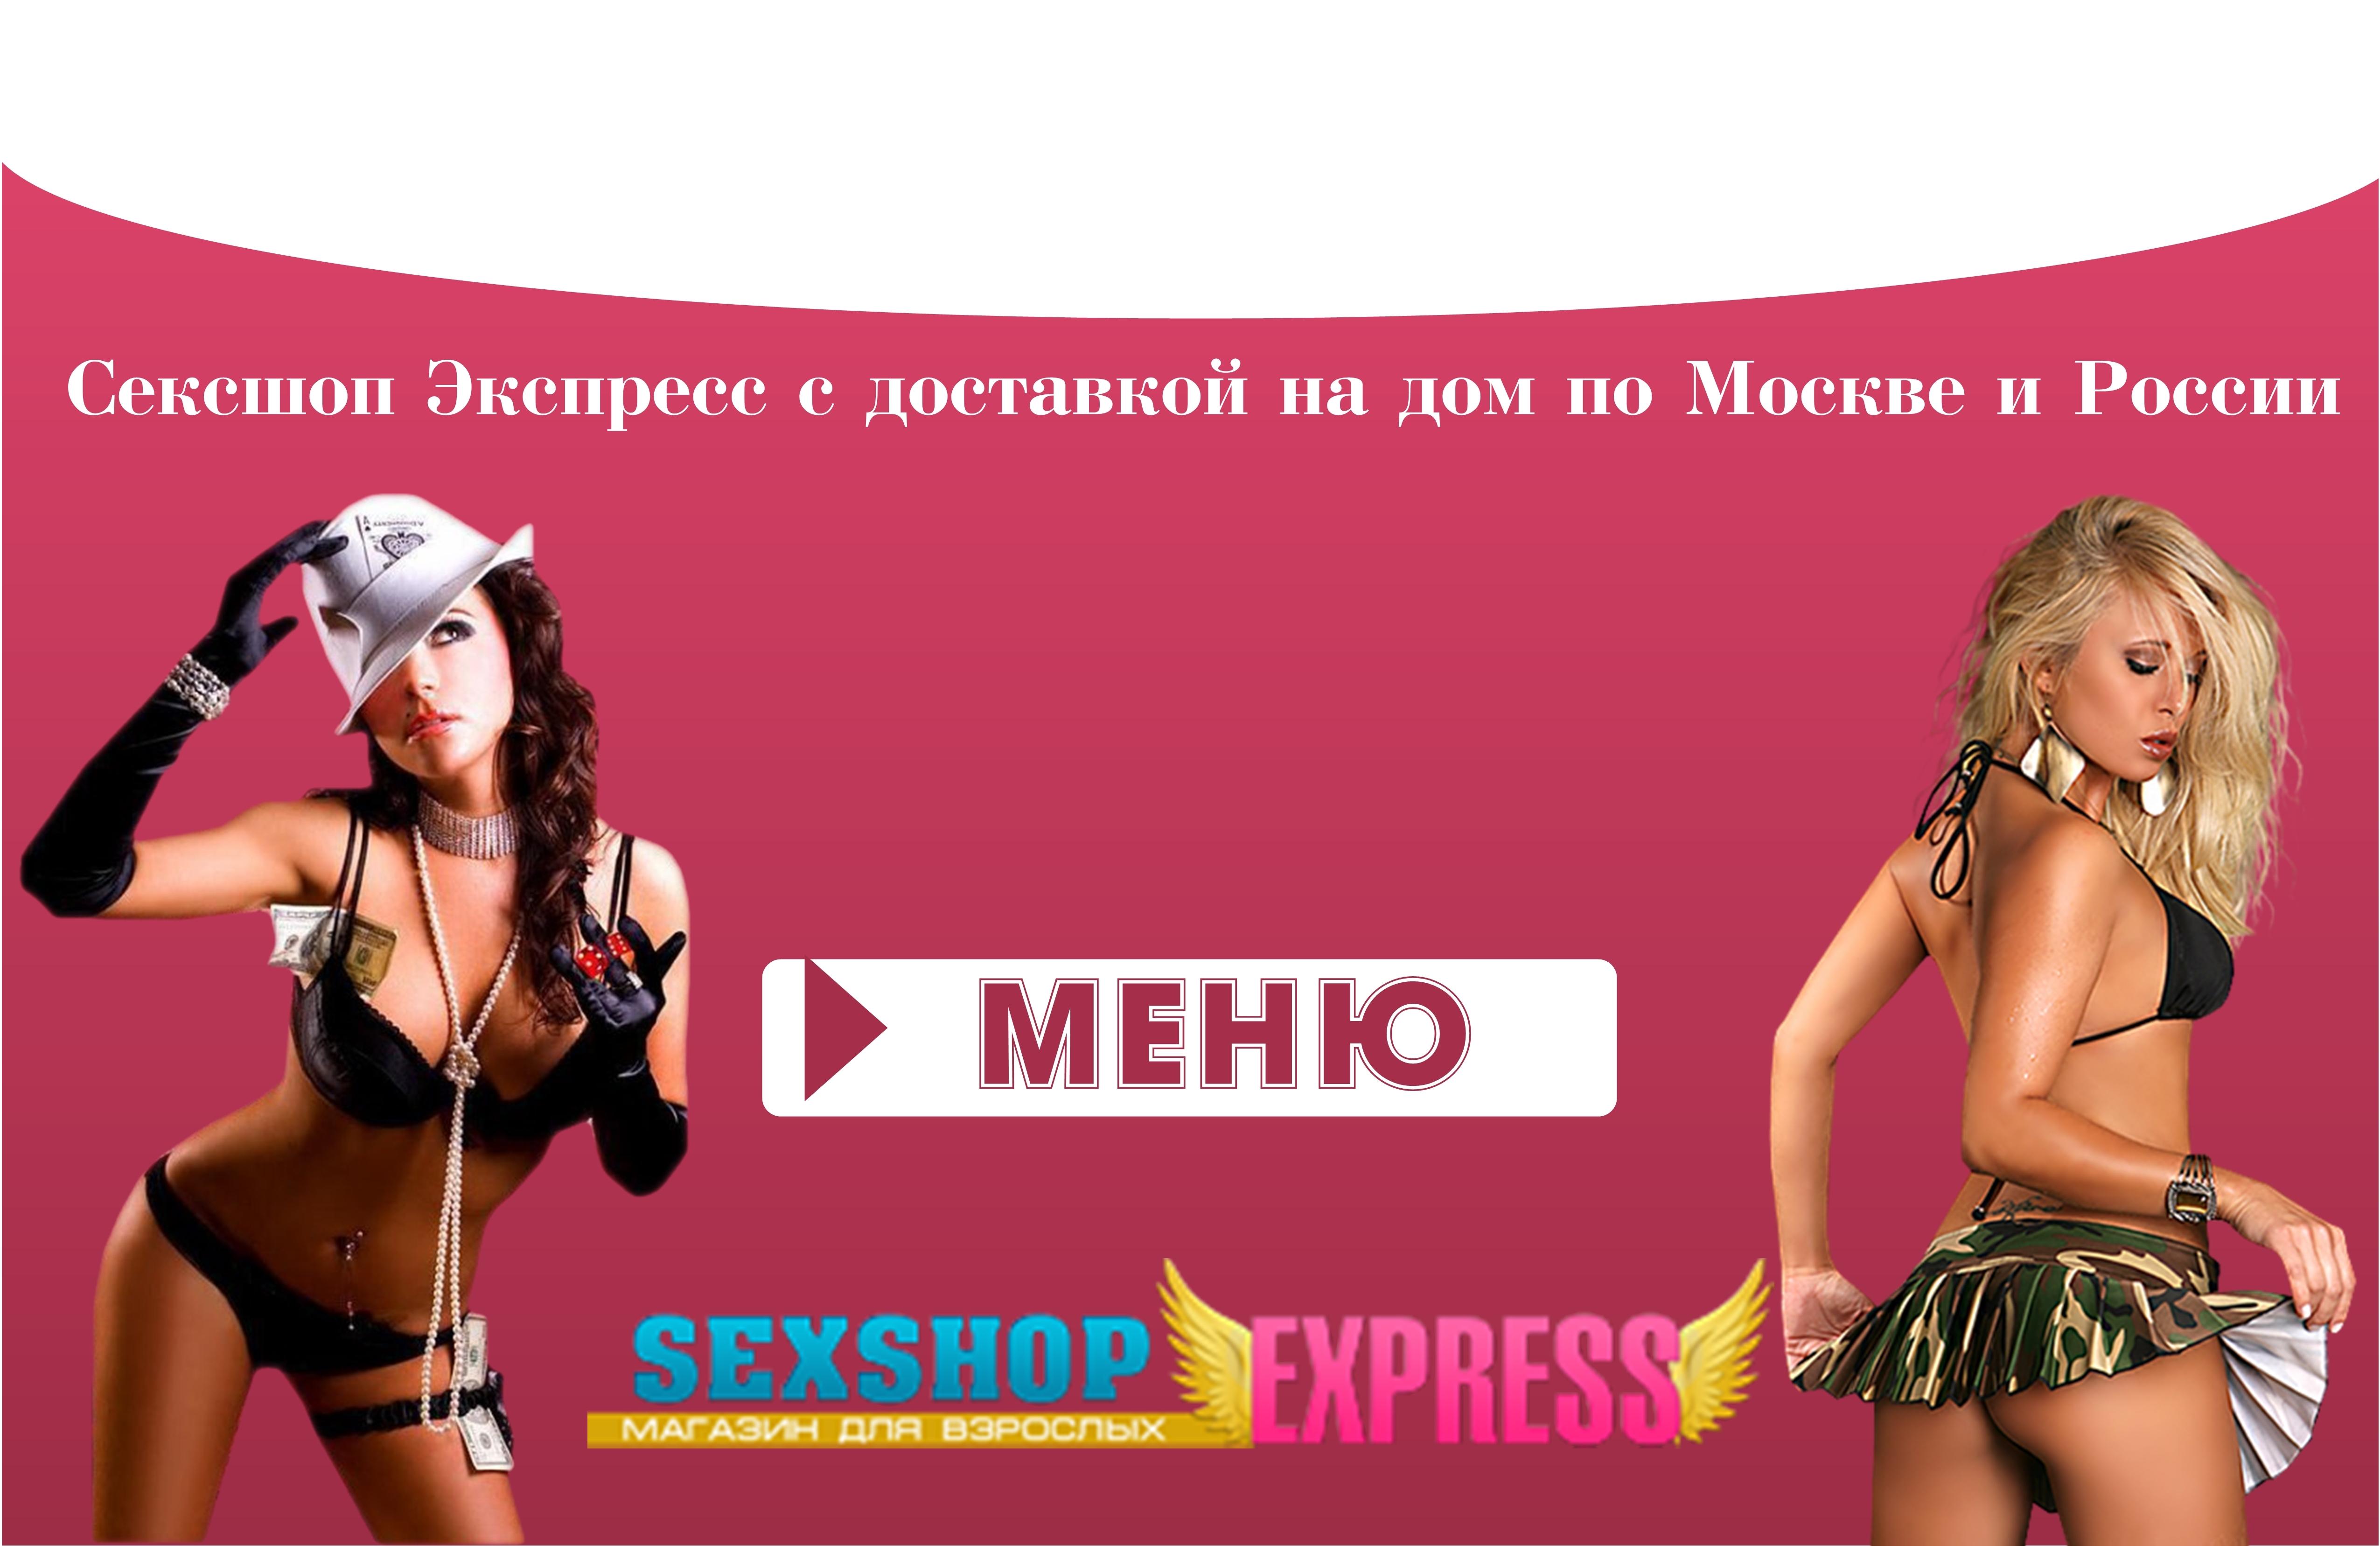 Оформление Вконтакте группы сексшопа